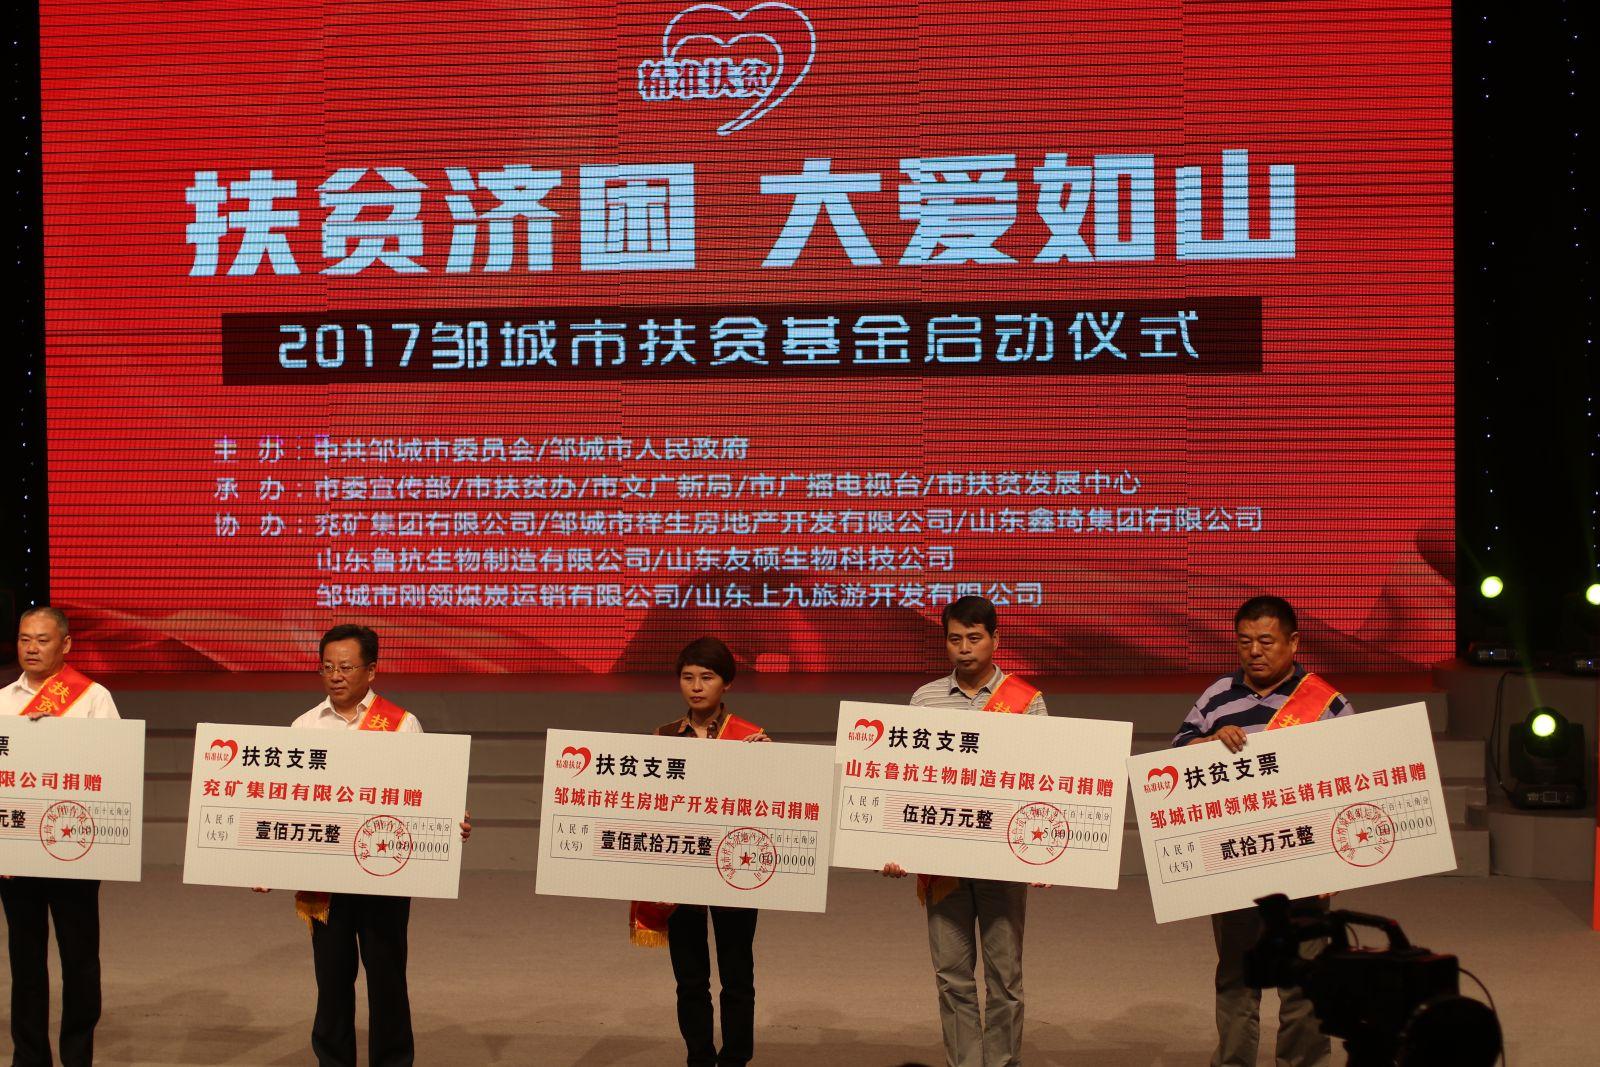 祥生地产为邹城扶贫基金捐赠120万元